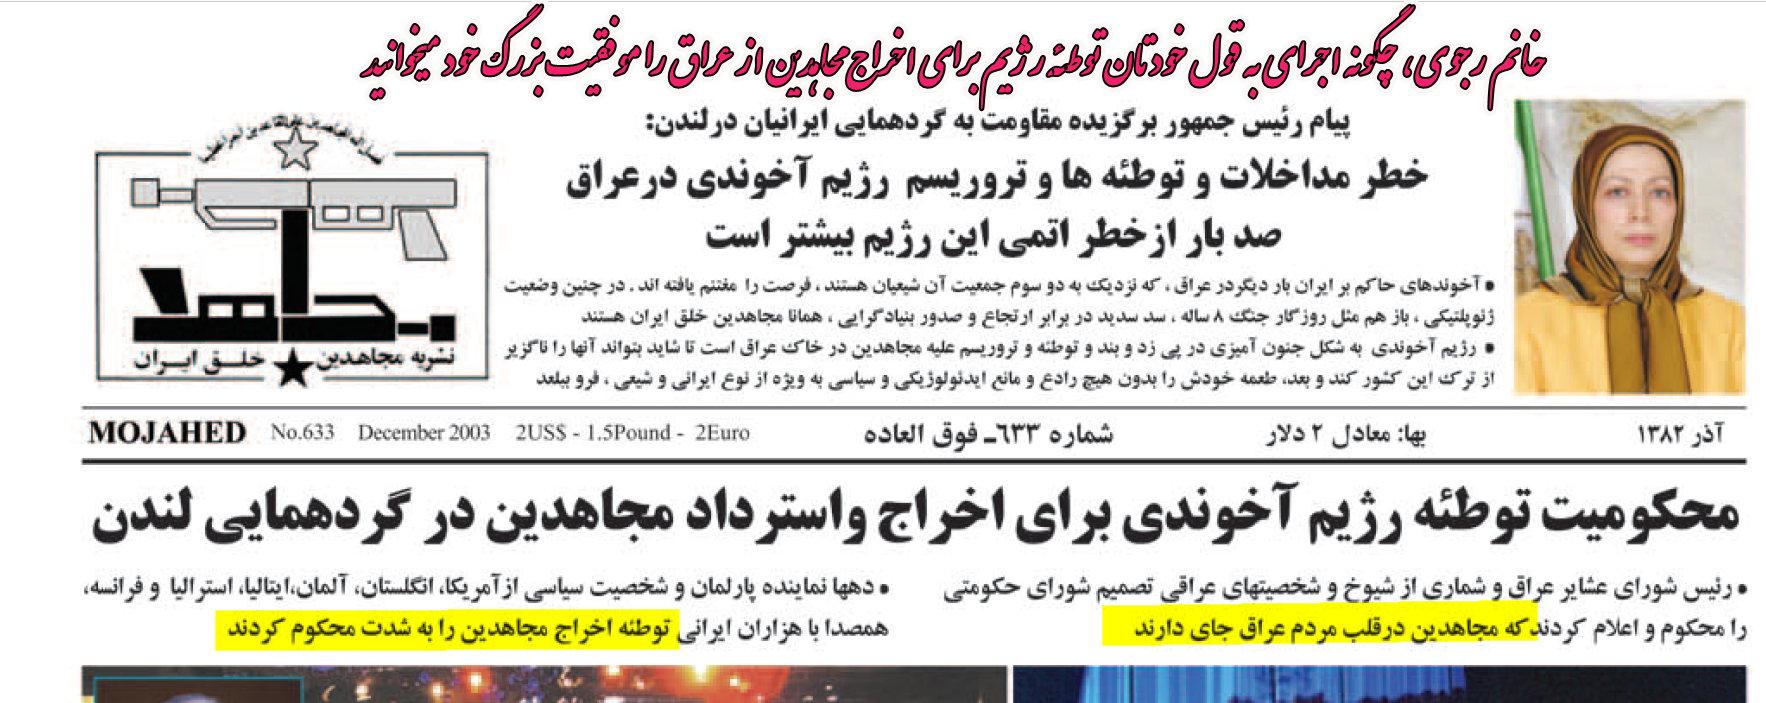 تناقضات خروج از عراق پیروزی بزرگ و تلاش رژیم برای اخراج مجاهدین از عراق